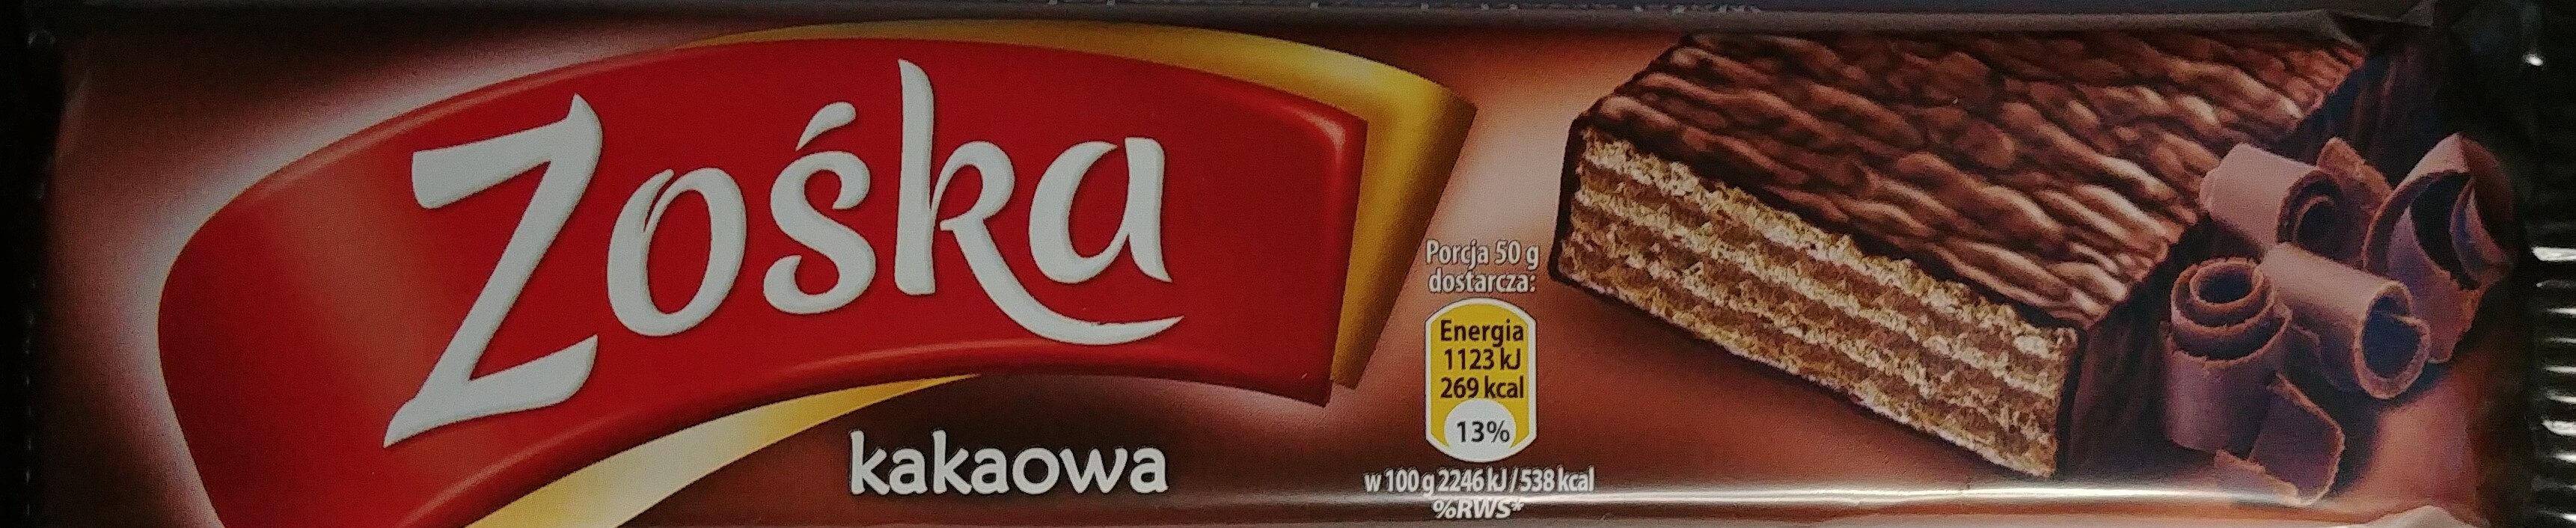 Wafel przekładany kremem kakaowym w czekoladzie - Product - pl